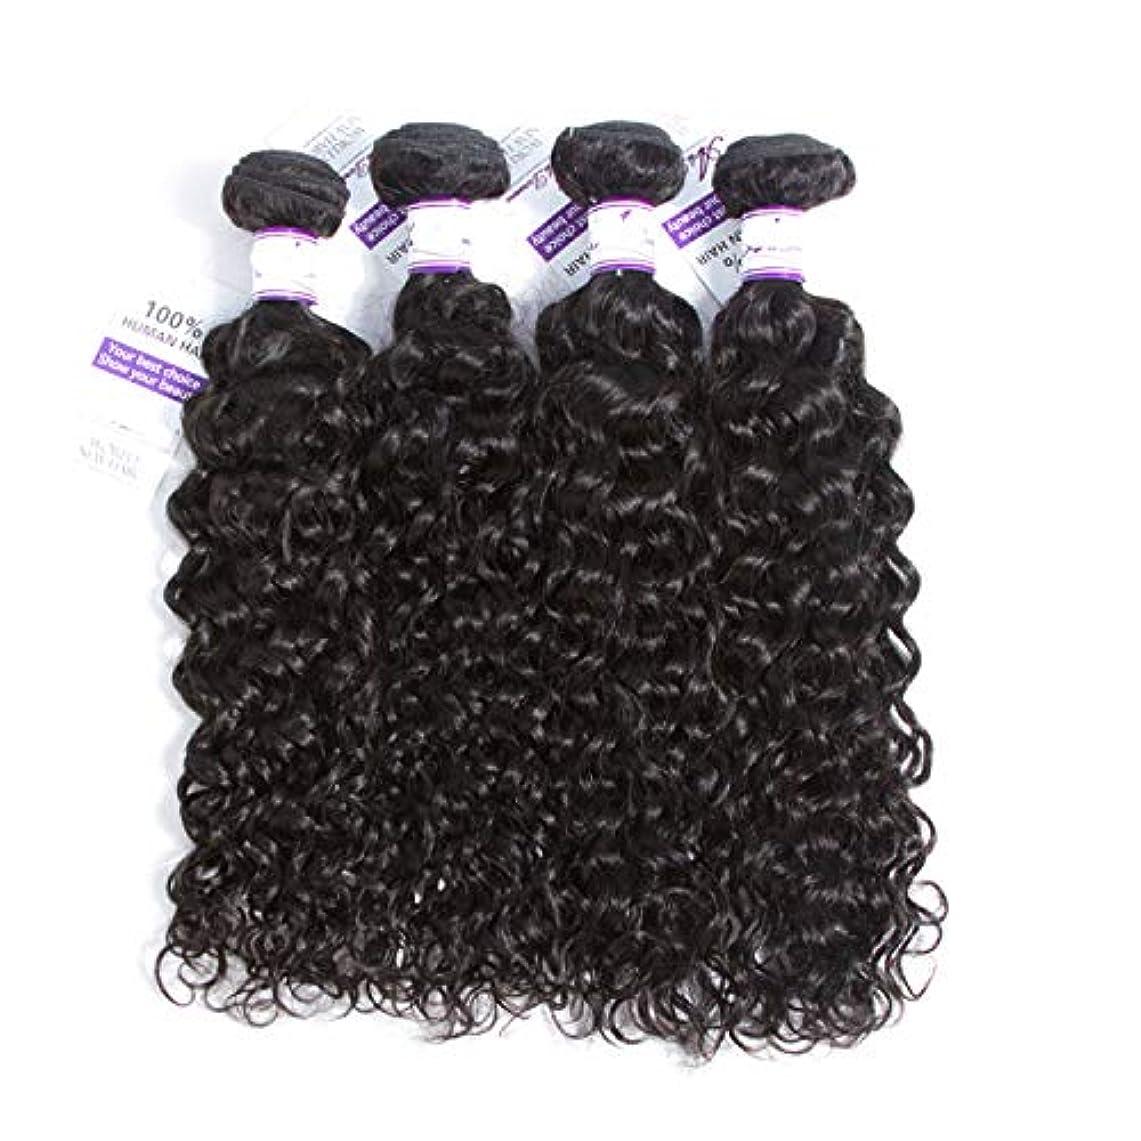 ヘルパー作るクラシックかつら マレーシア水波髪バンドル8-28インチ100%人毛織りのremy髪ナチュラルカラー4ピース髪織り (Stretched Length : 10 12 14 14)